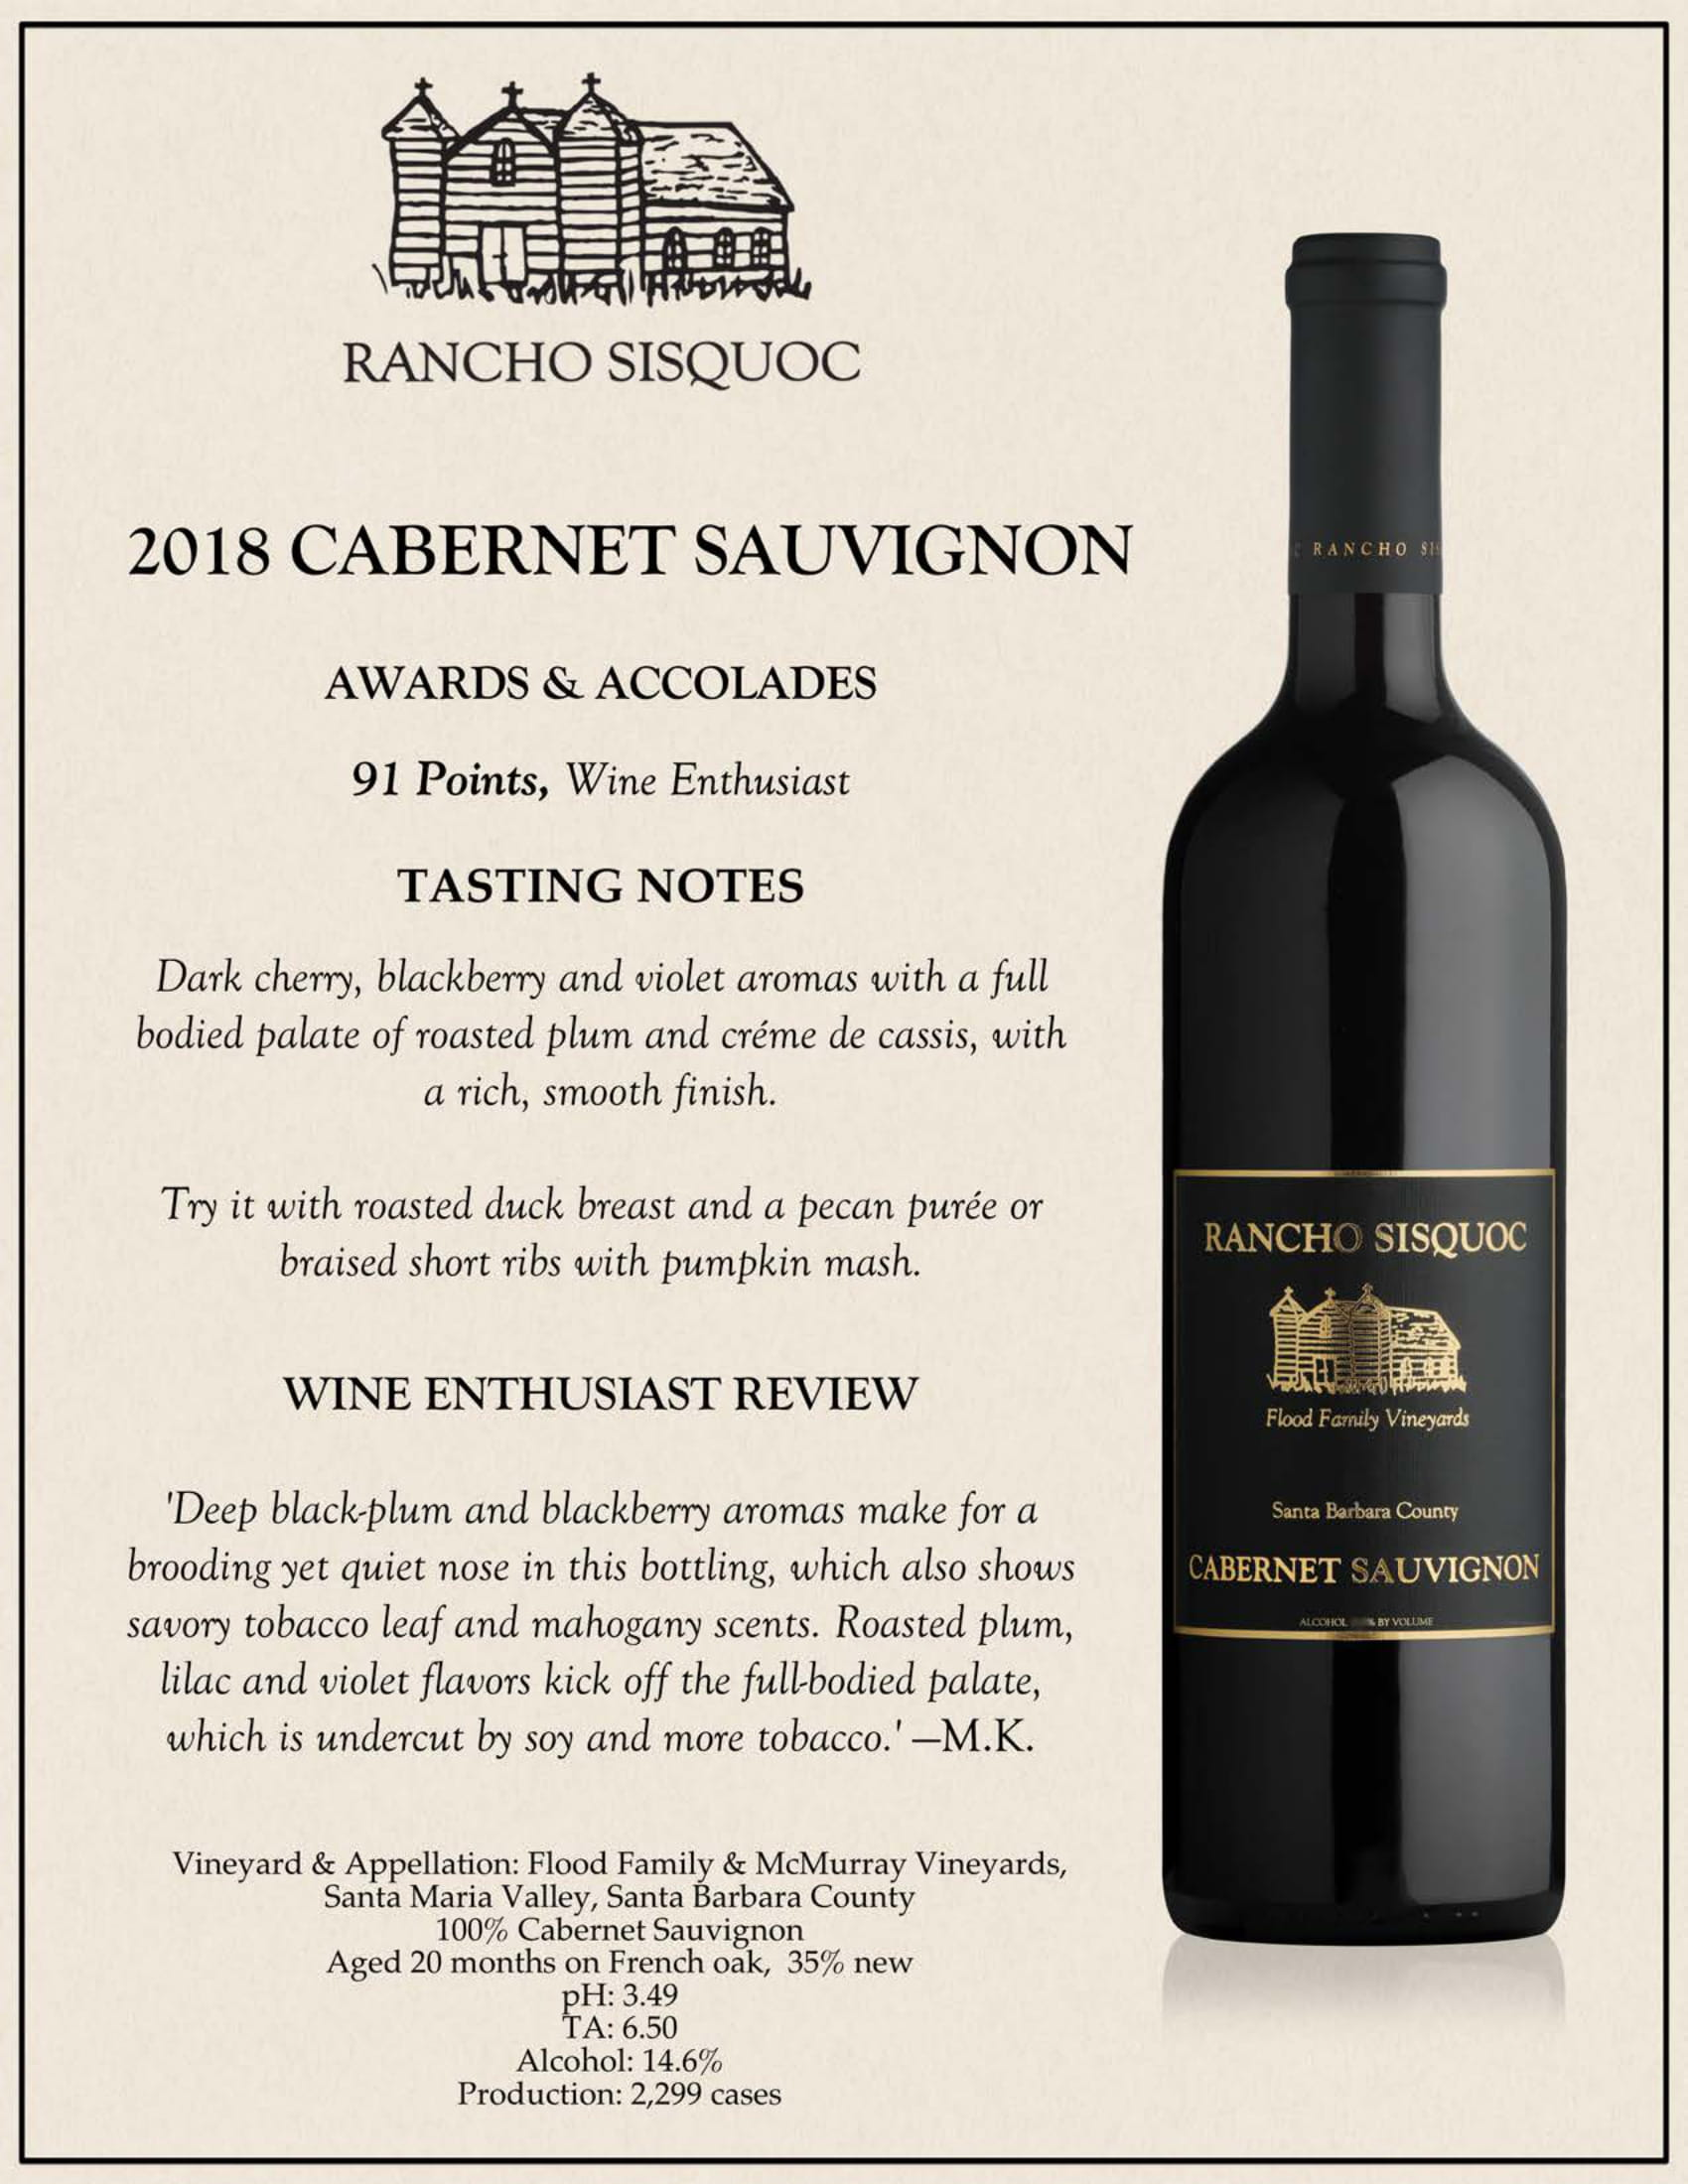 Rancho Sisquoc Cabernet Sauvignon Tech Sheet